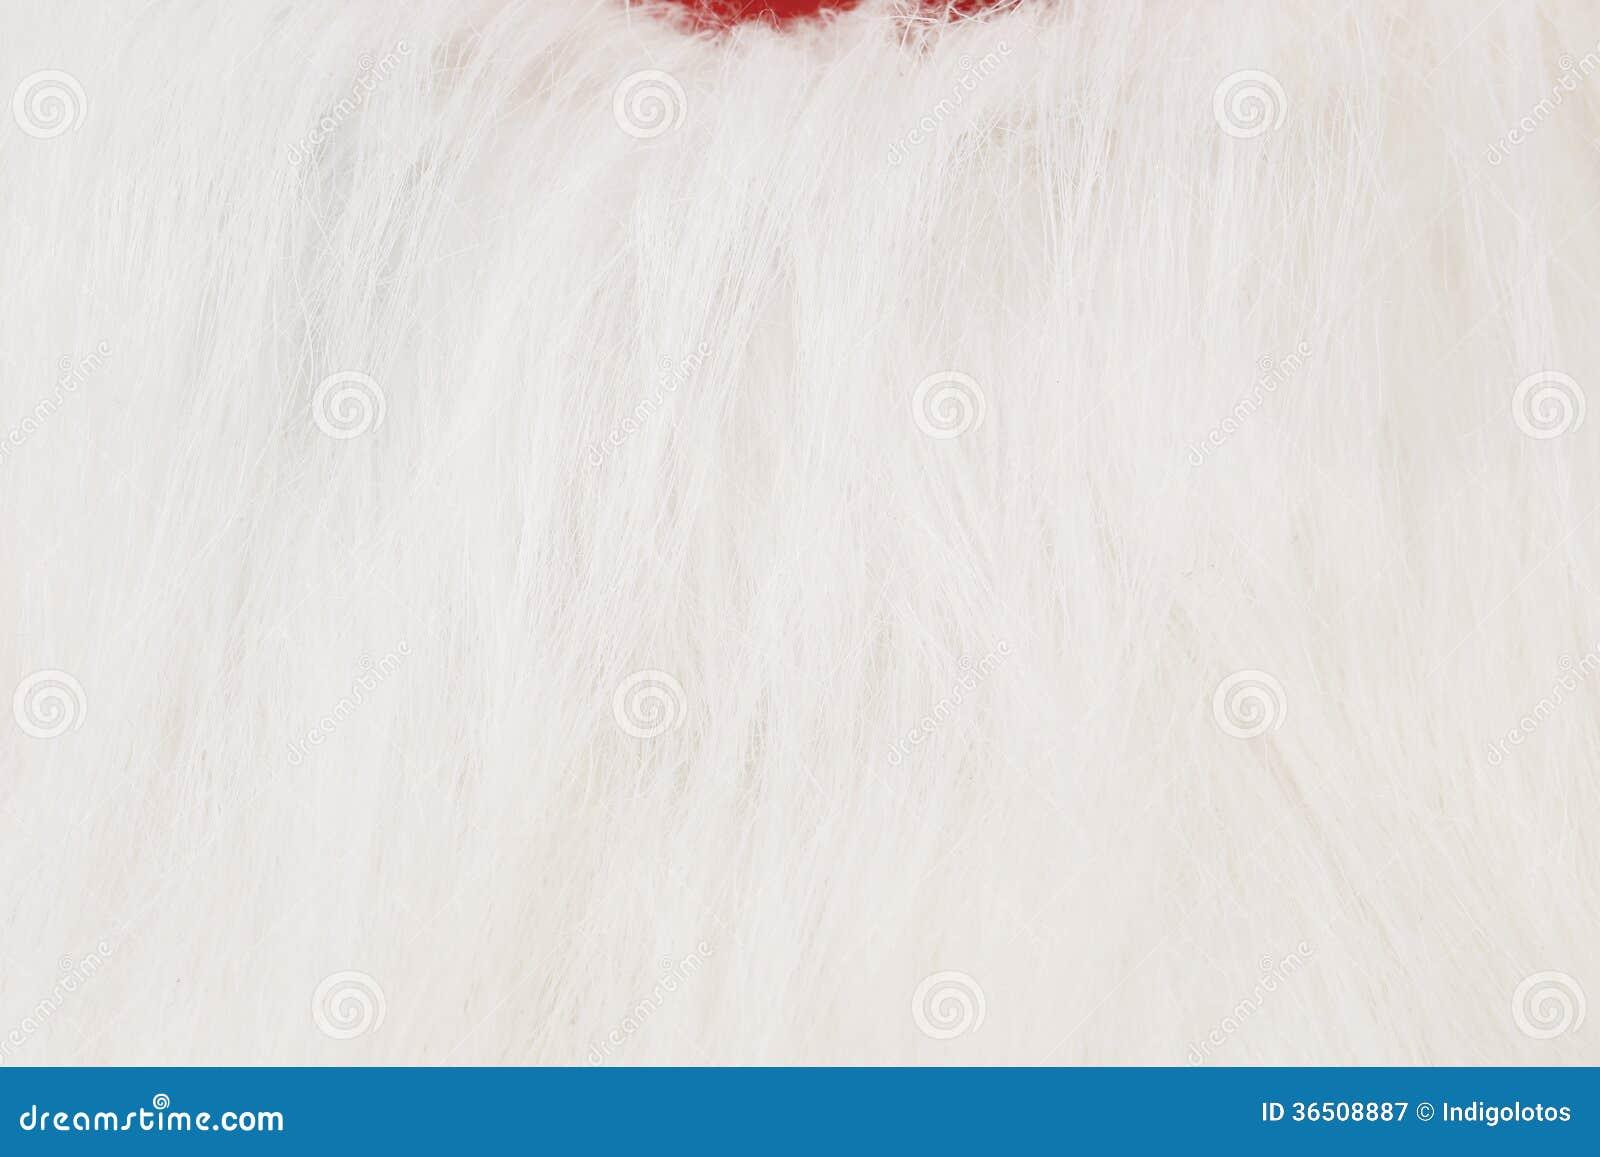 Борода Санты белая.